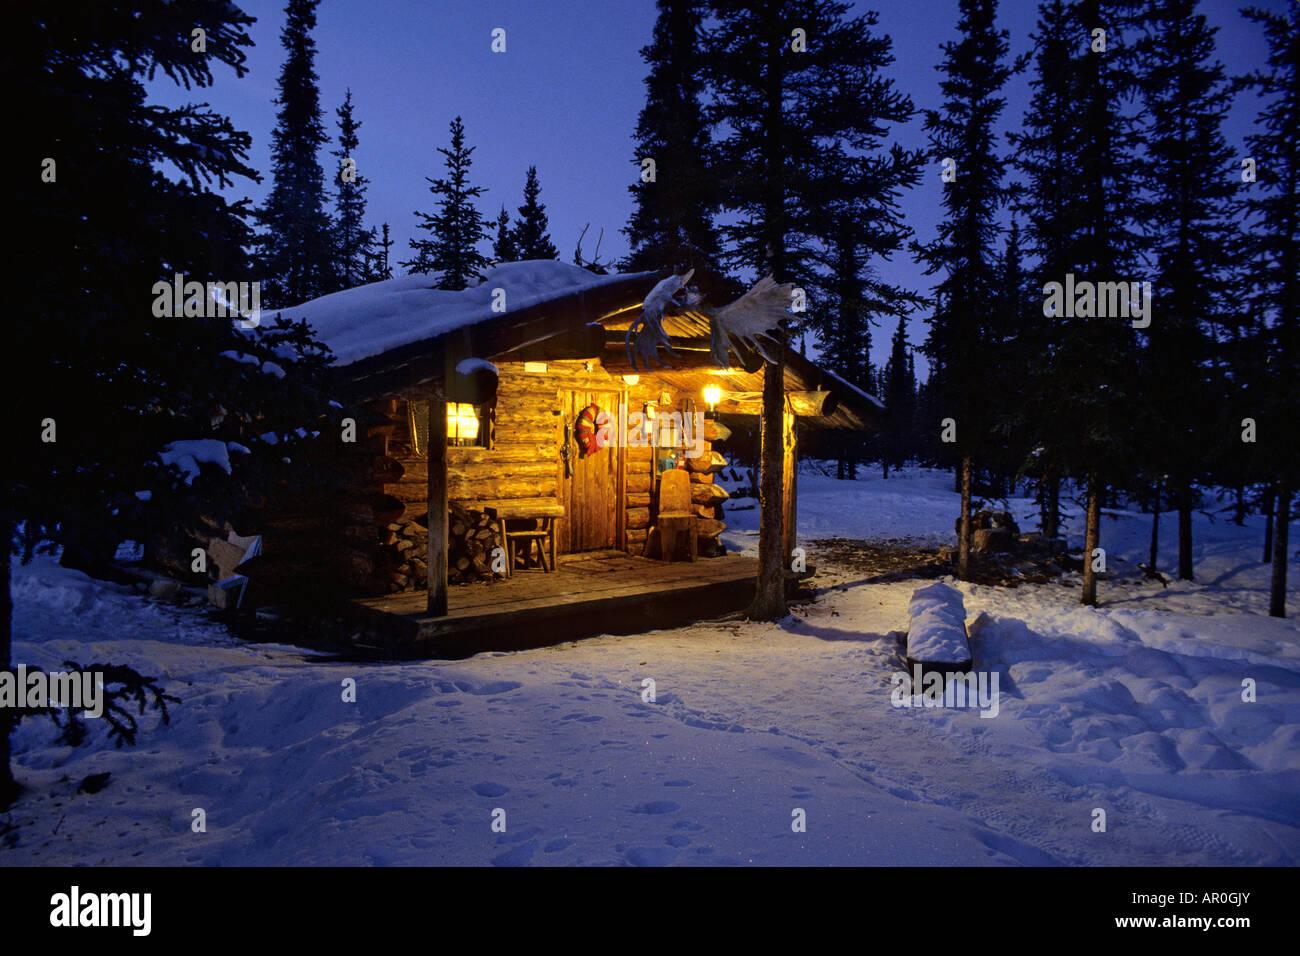 Alaska interior caba a bosque porche de invierno ligera nieve sky atardecer foto imagen de - Cabana invierno ...